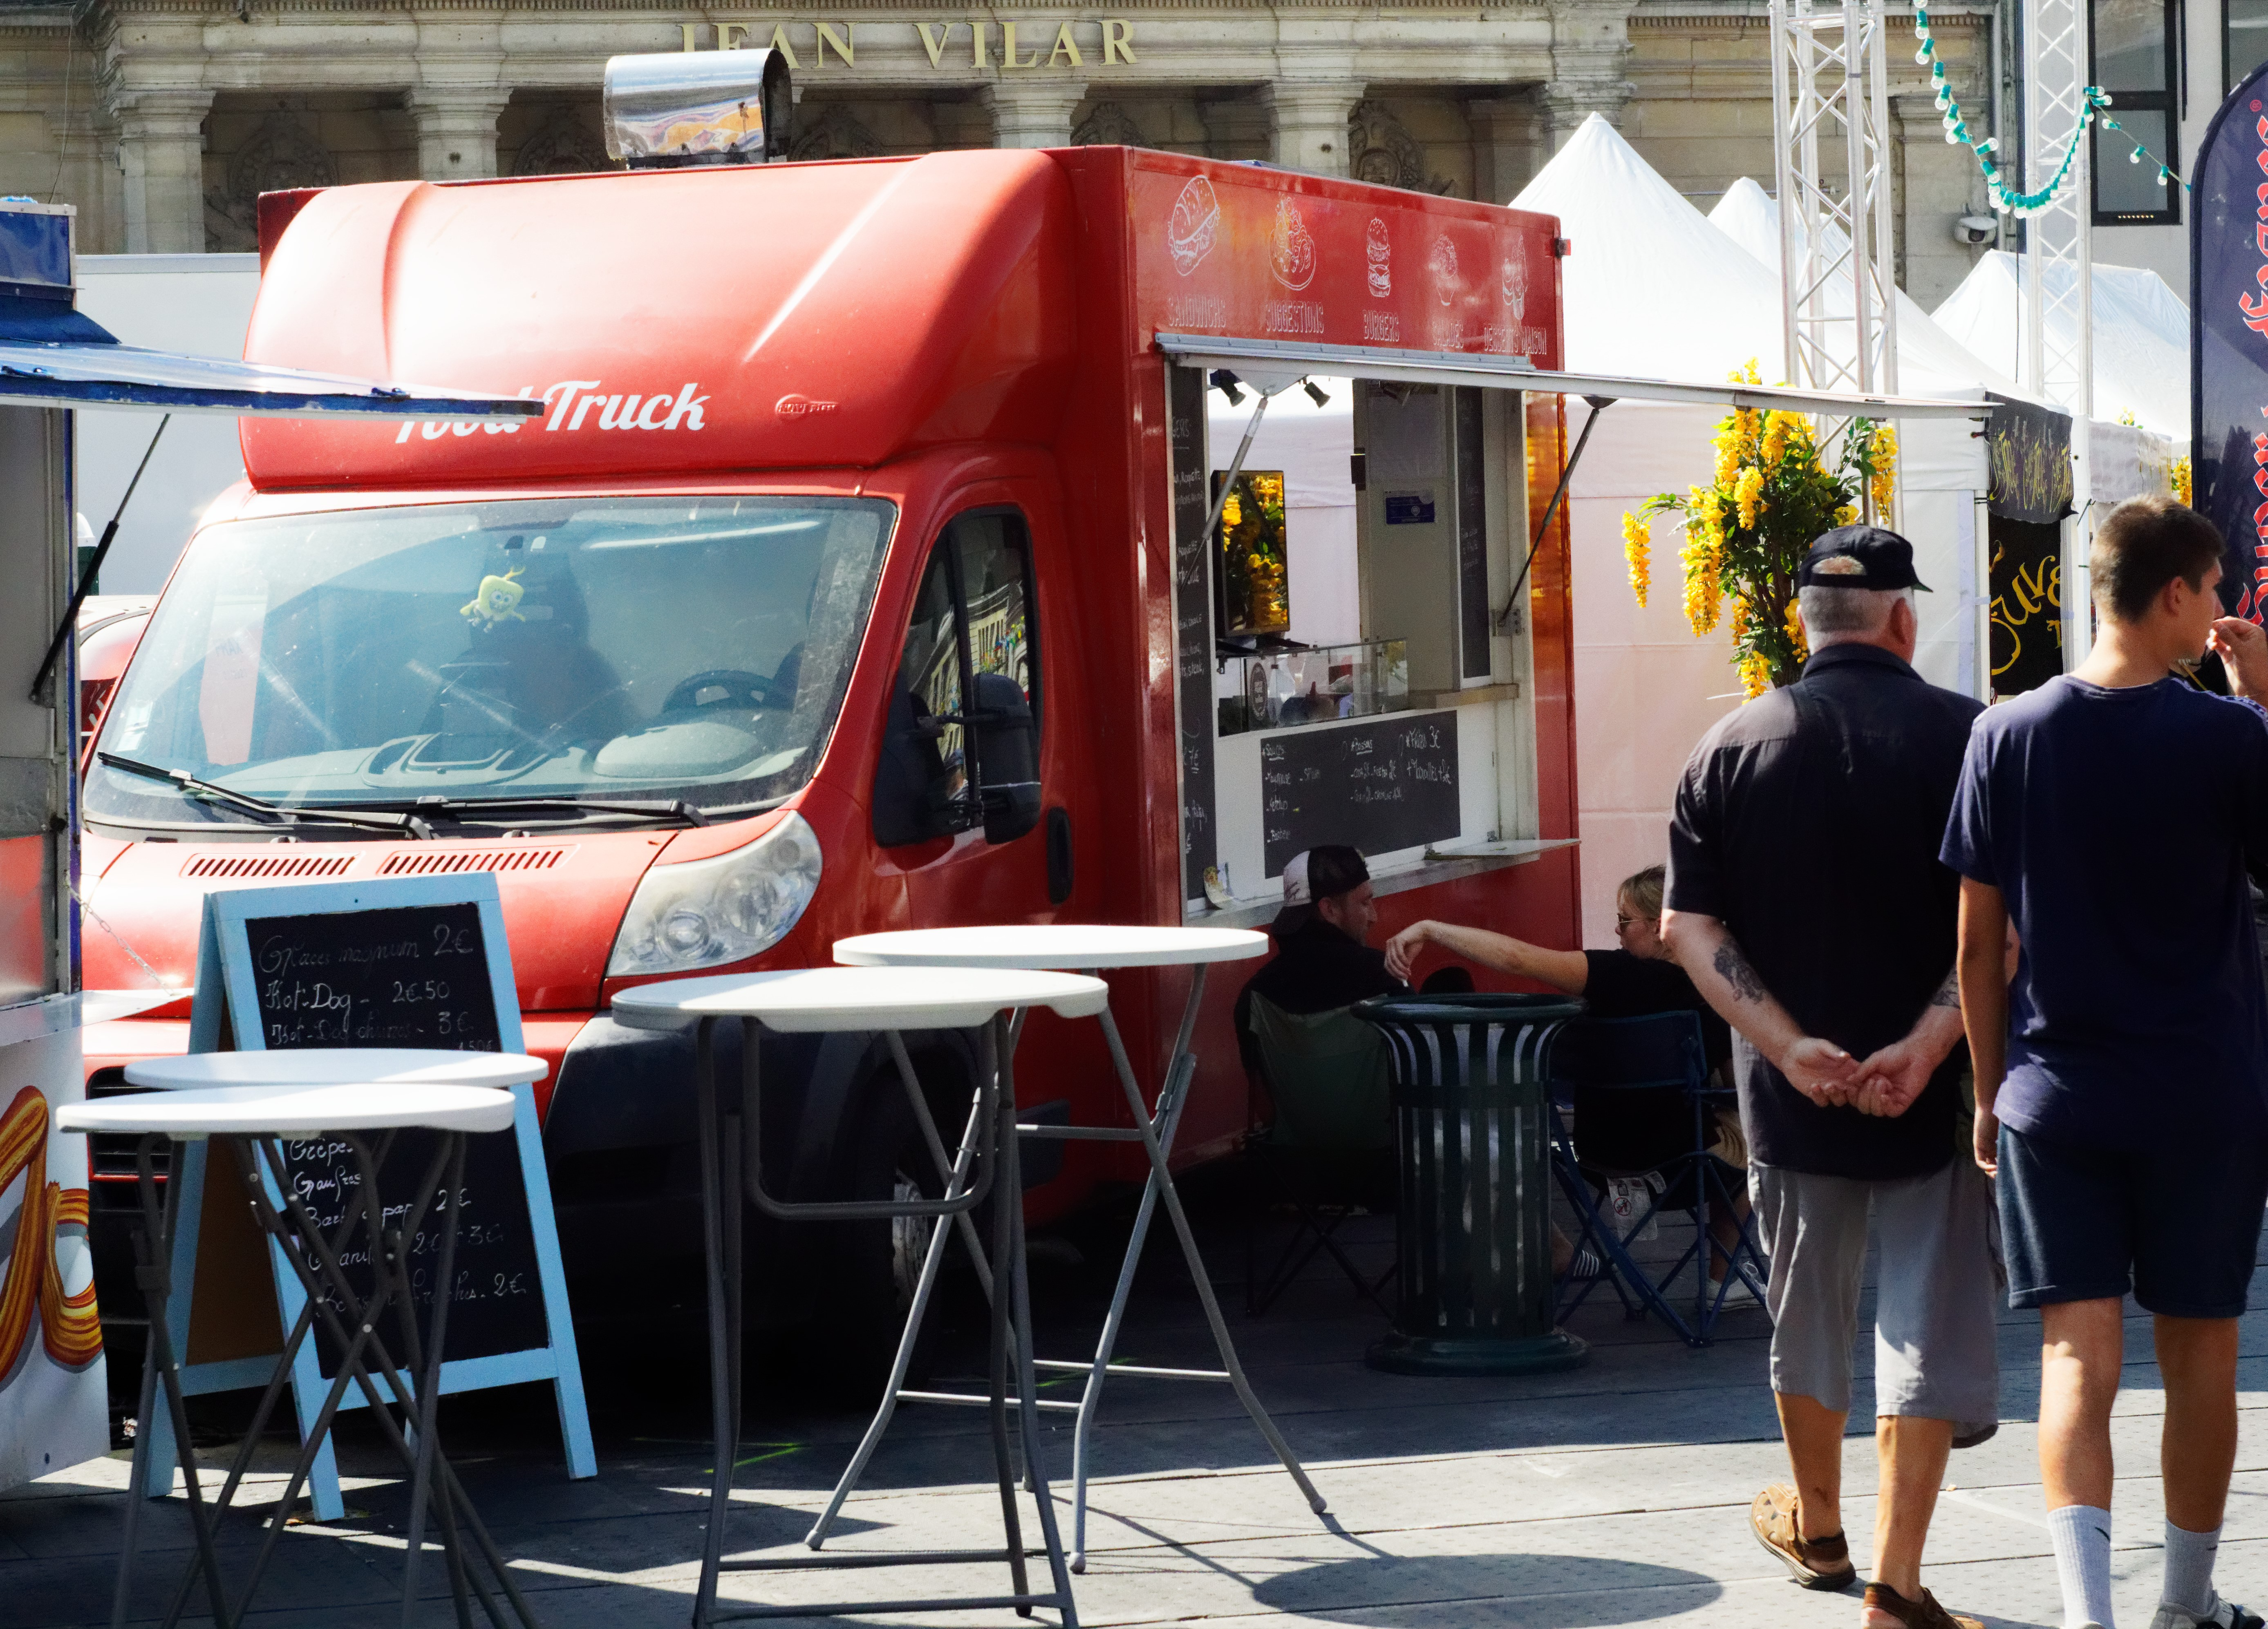 pour-manger-le-food-truck-o-prestigieux-burger-était-evidemment-present-sur-le-festival-affichant-un-nouveau-record-de-cuisson-de-frites